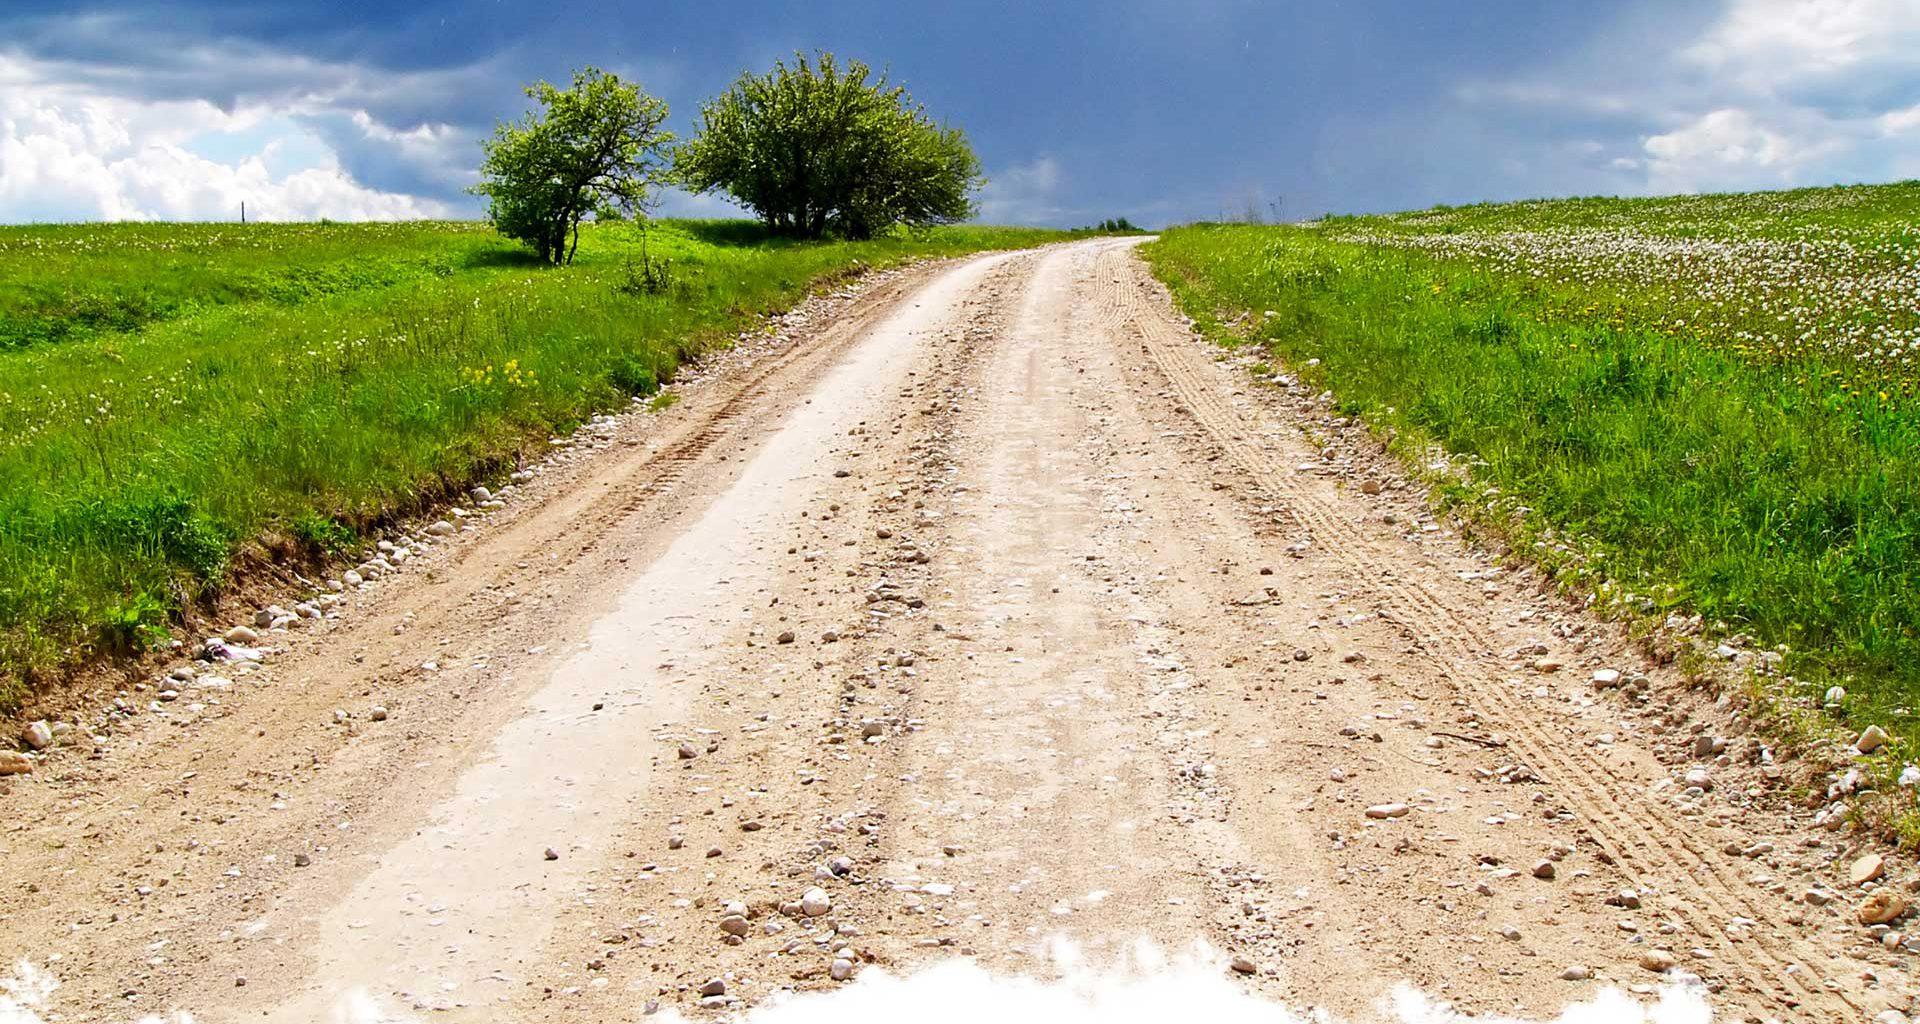 Grönt fält med en grusväg som går igenom den